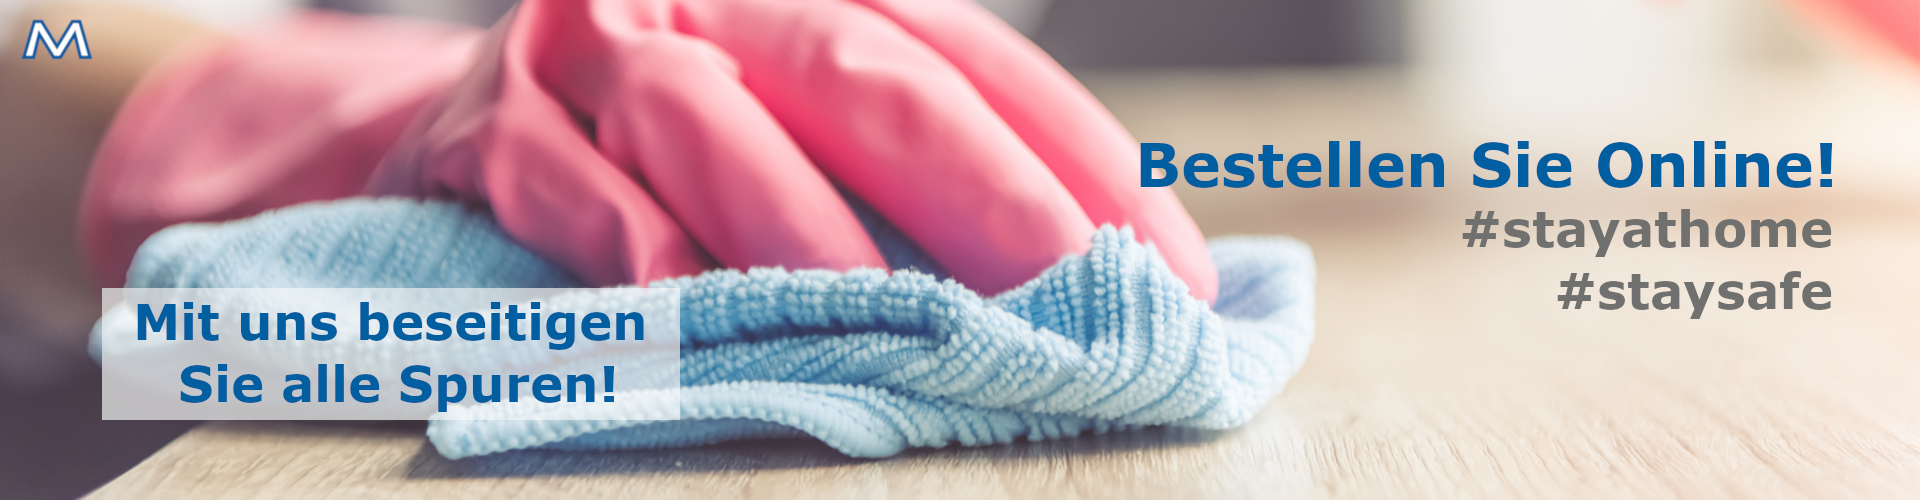 Atemschutzmasken und Gesichtsmaksen jetzt kaufen. Desinfektionsmittel und Desinfektion aller Art jetzt verfügbar. E.MAYR Reinigungstechnik Online Shop!  - Rein aber Richtig.